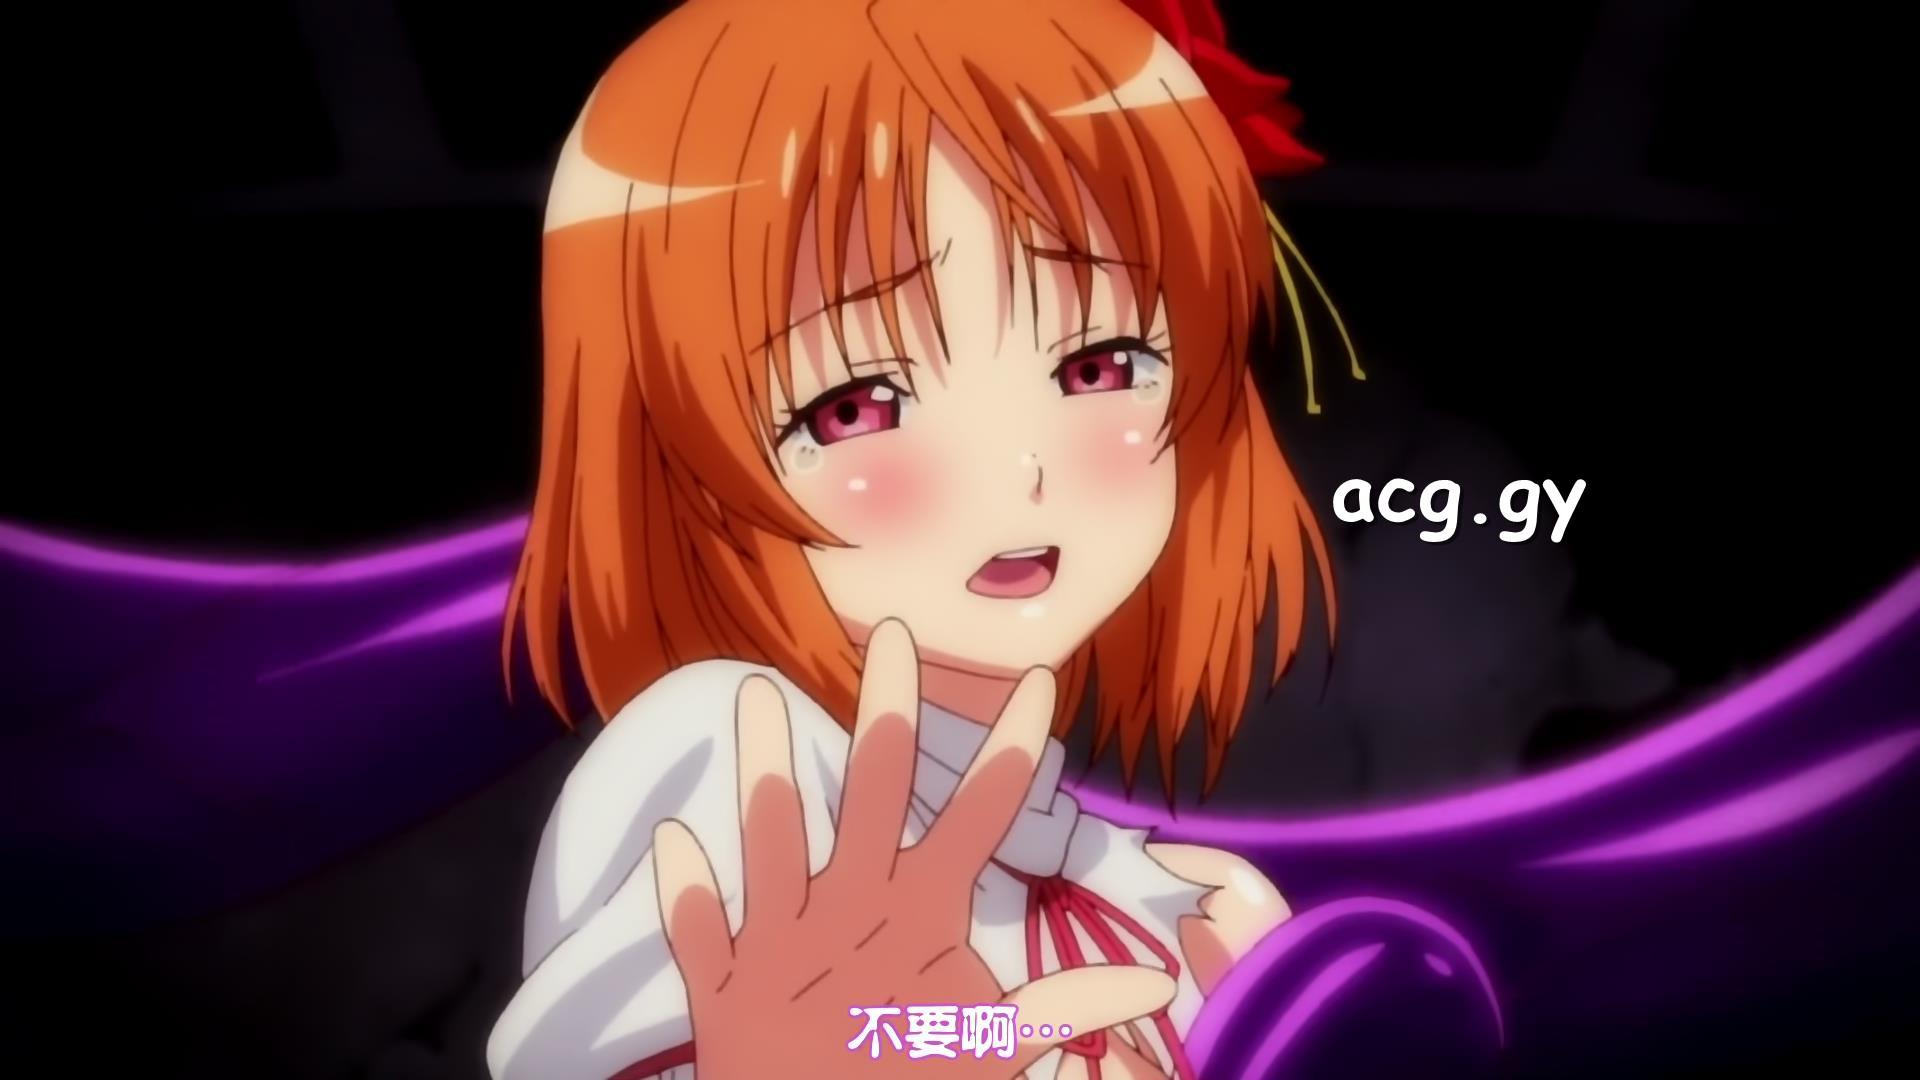 [さくらぷりんアニメーション] 腐界に眠る王女のアバドーン THE ANIMATION -act.1 未亜-